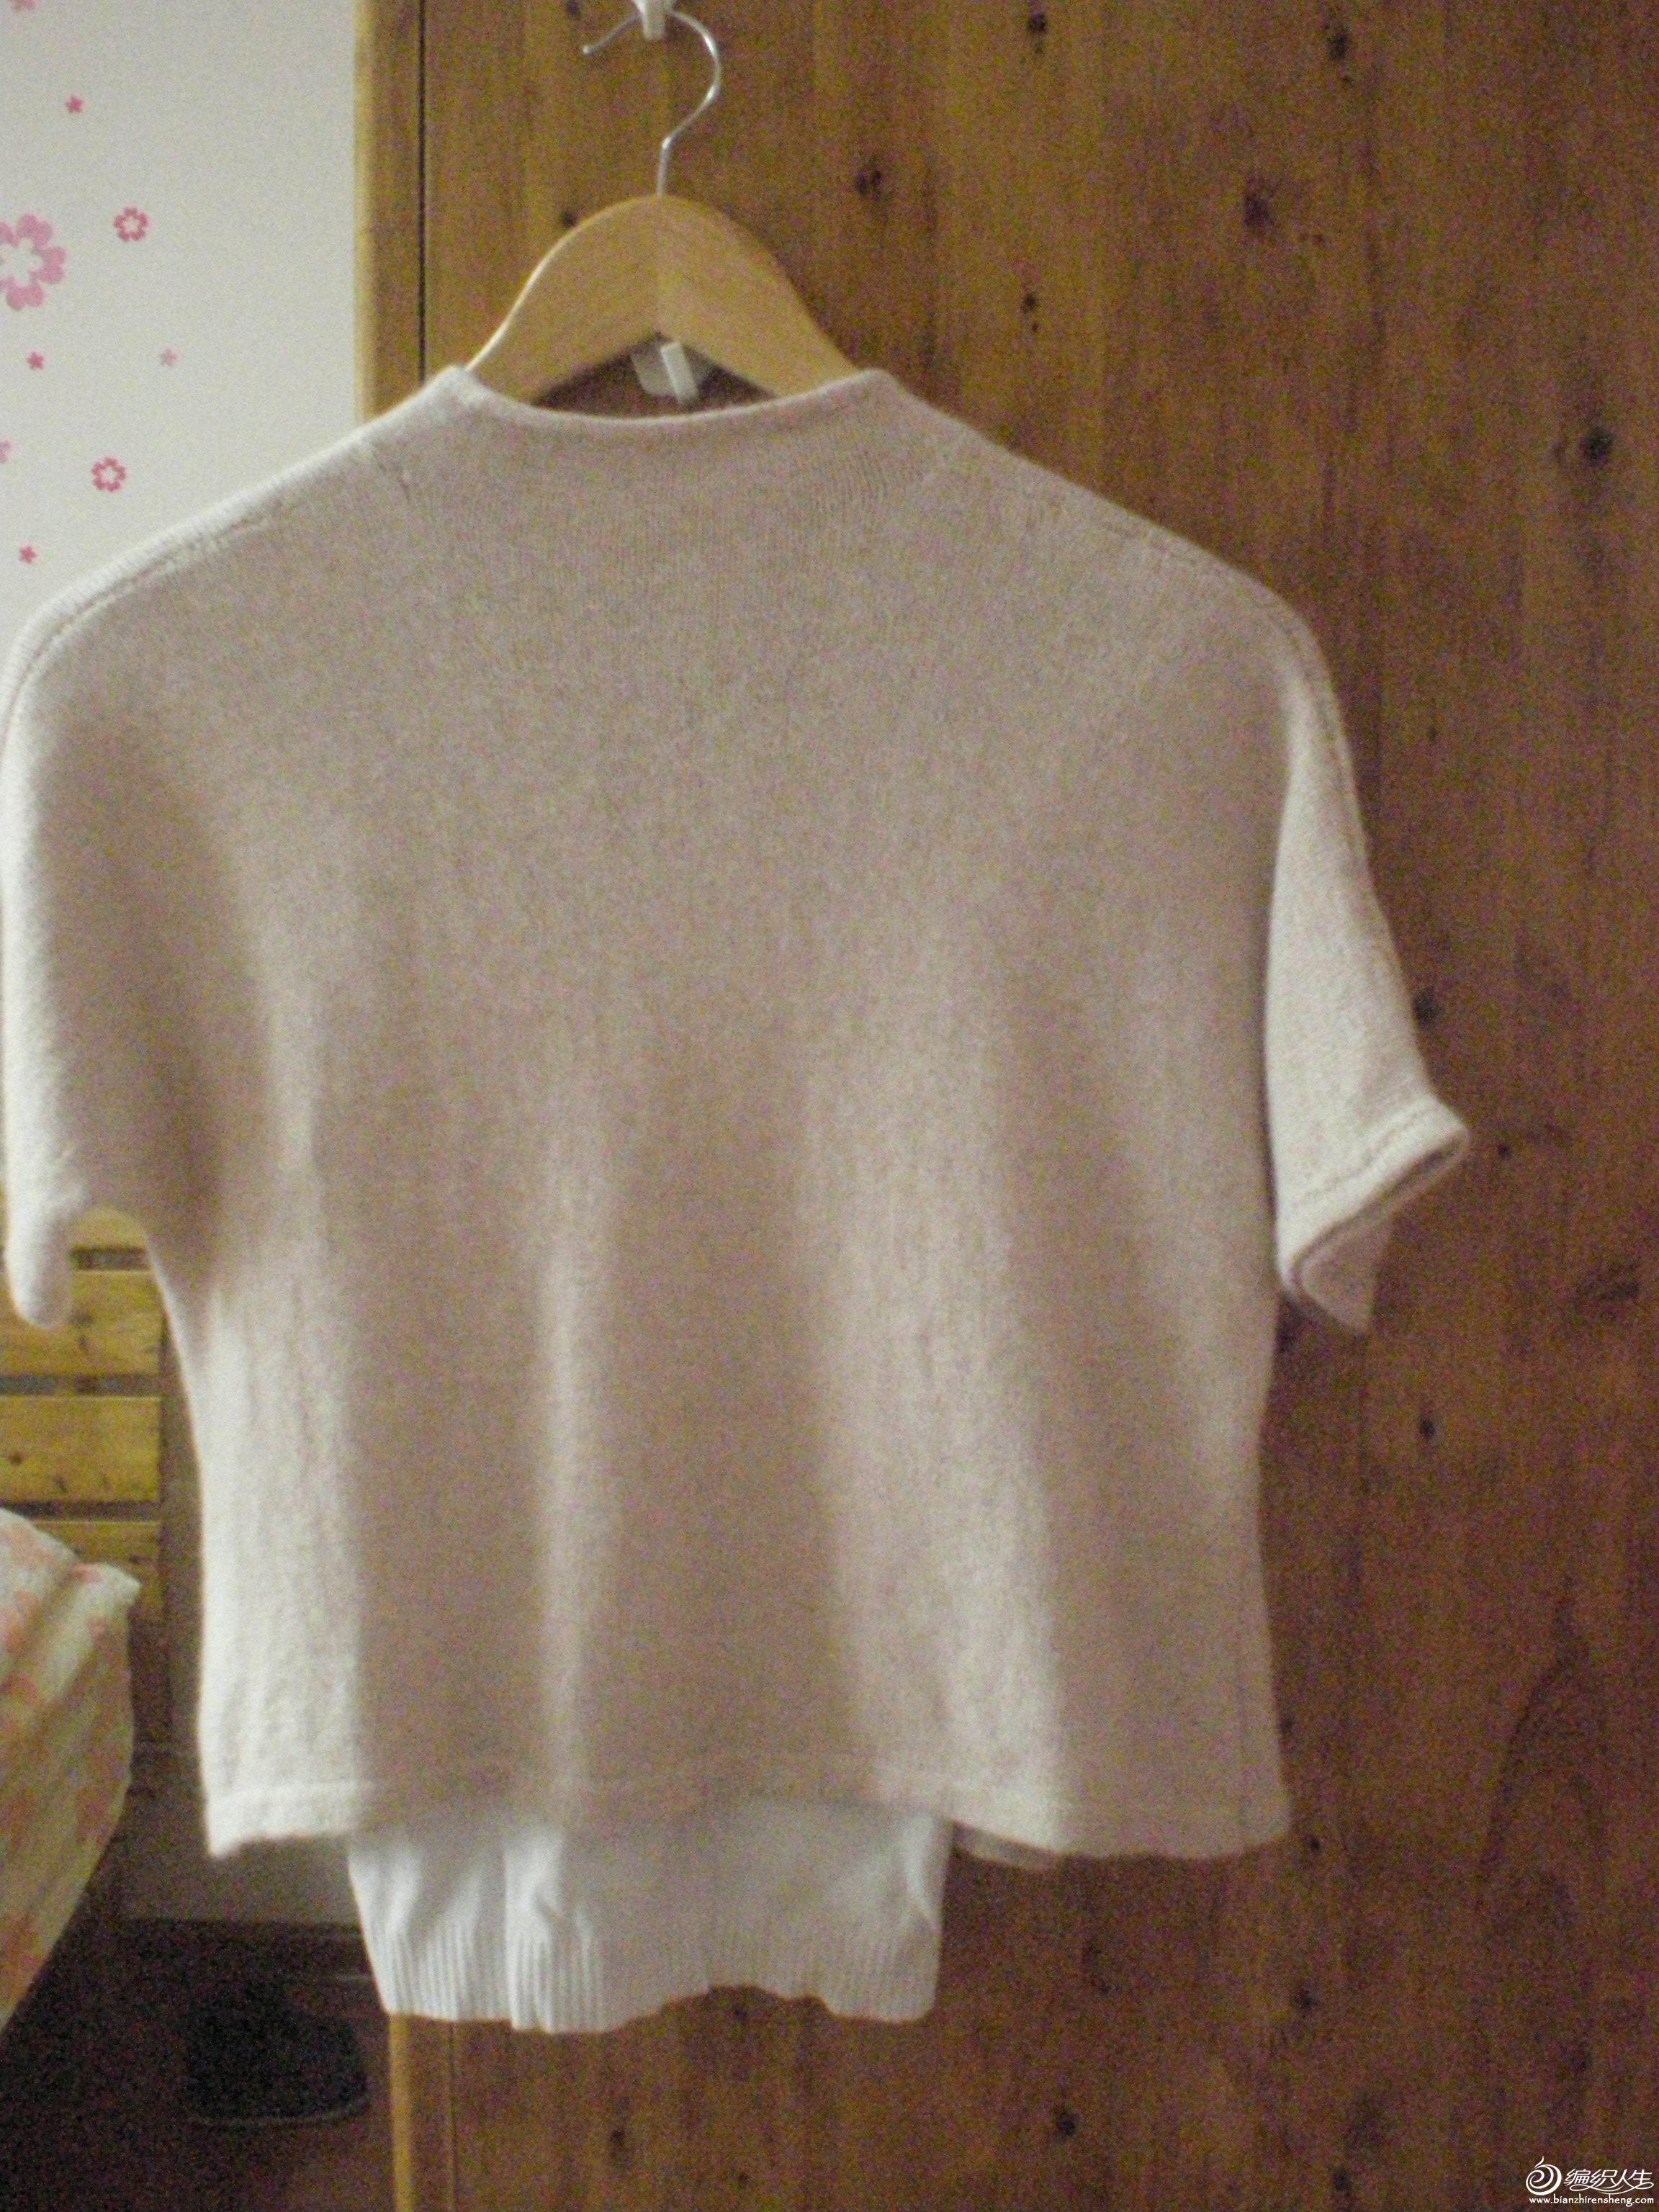 仿淘宝上的一件衣衣。用了不到3两线。淘宝上卖580的,咱买着肉疼就只能肩膀疼了。